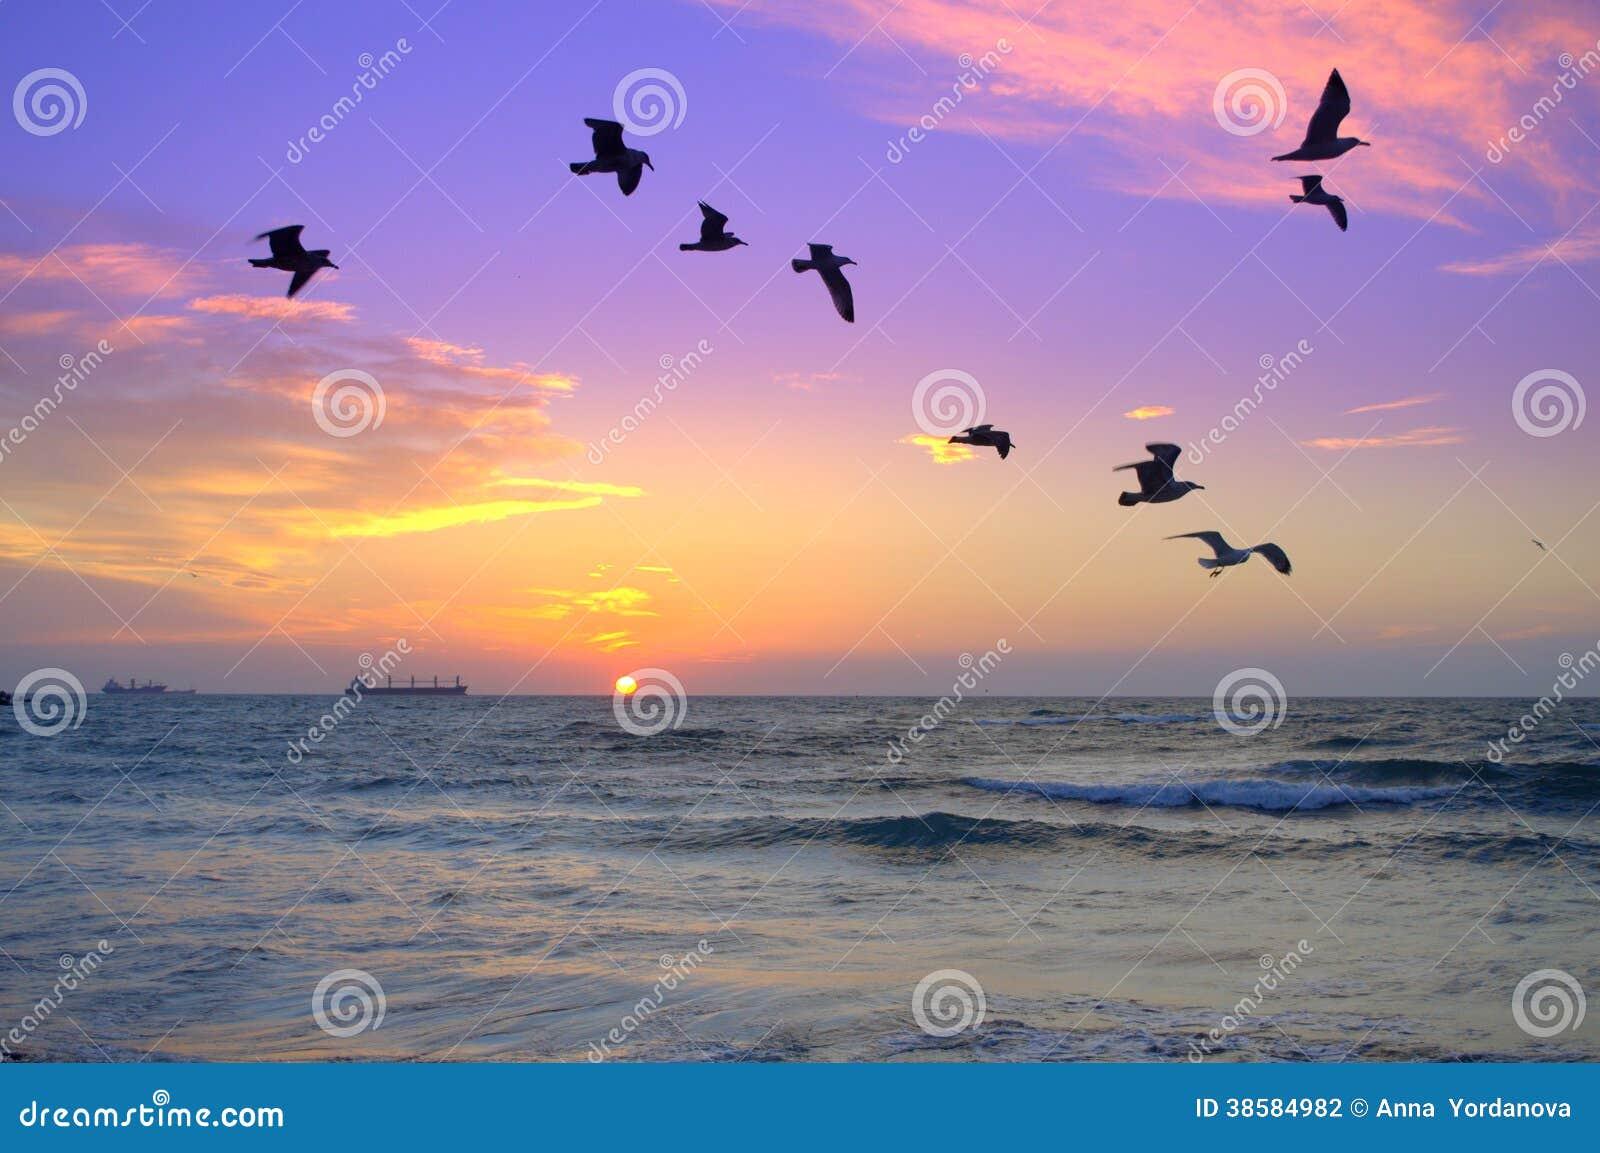 鸟群在海日出背景中